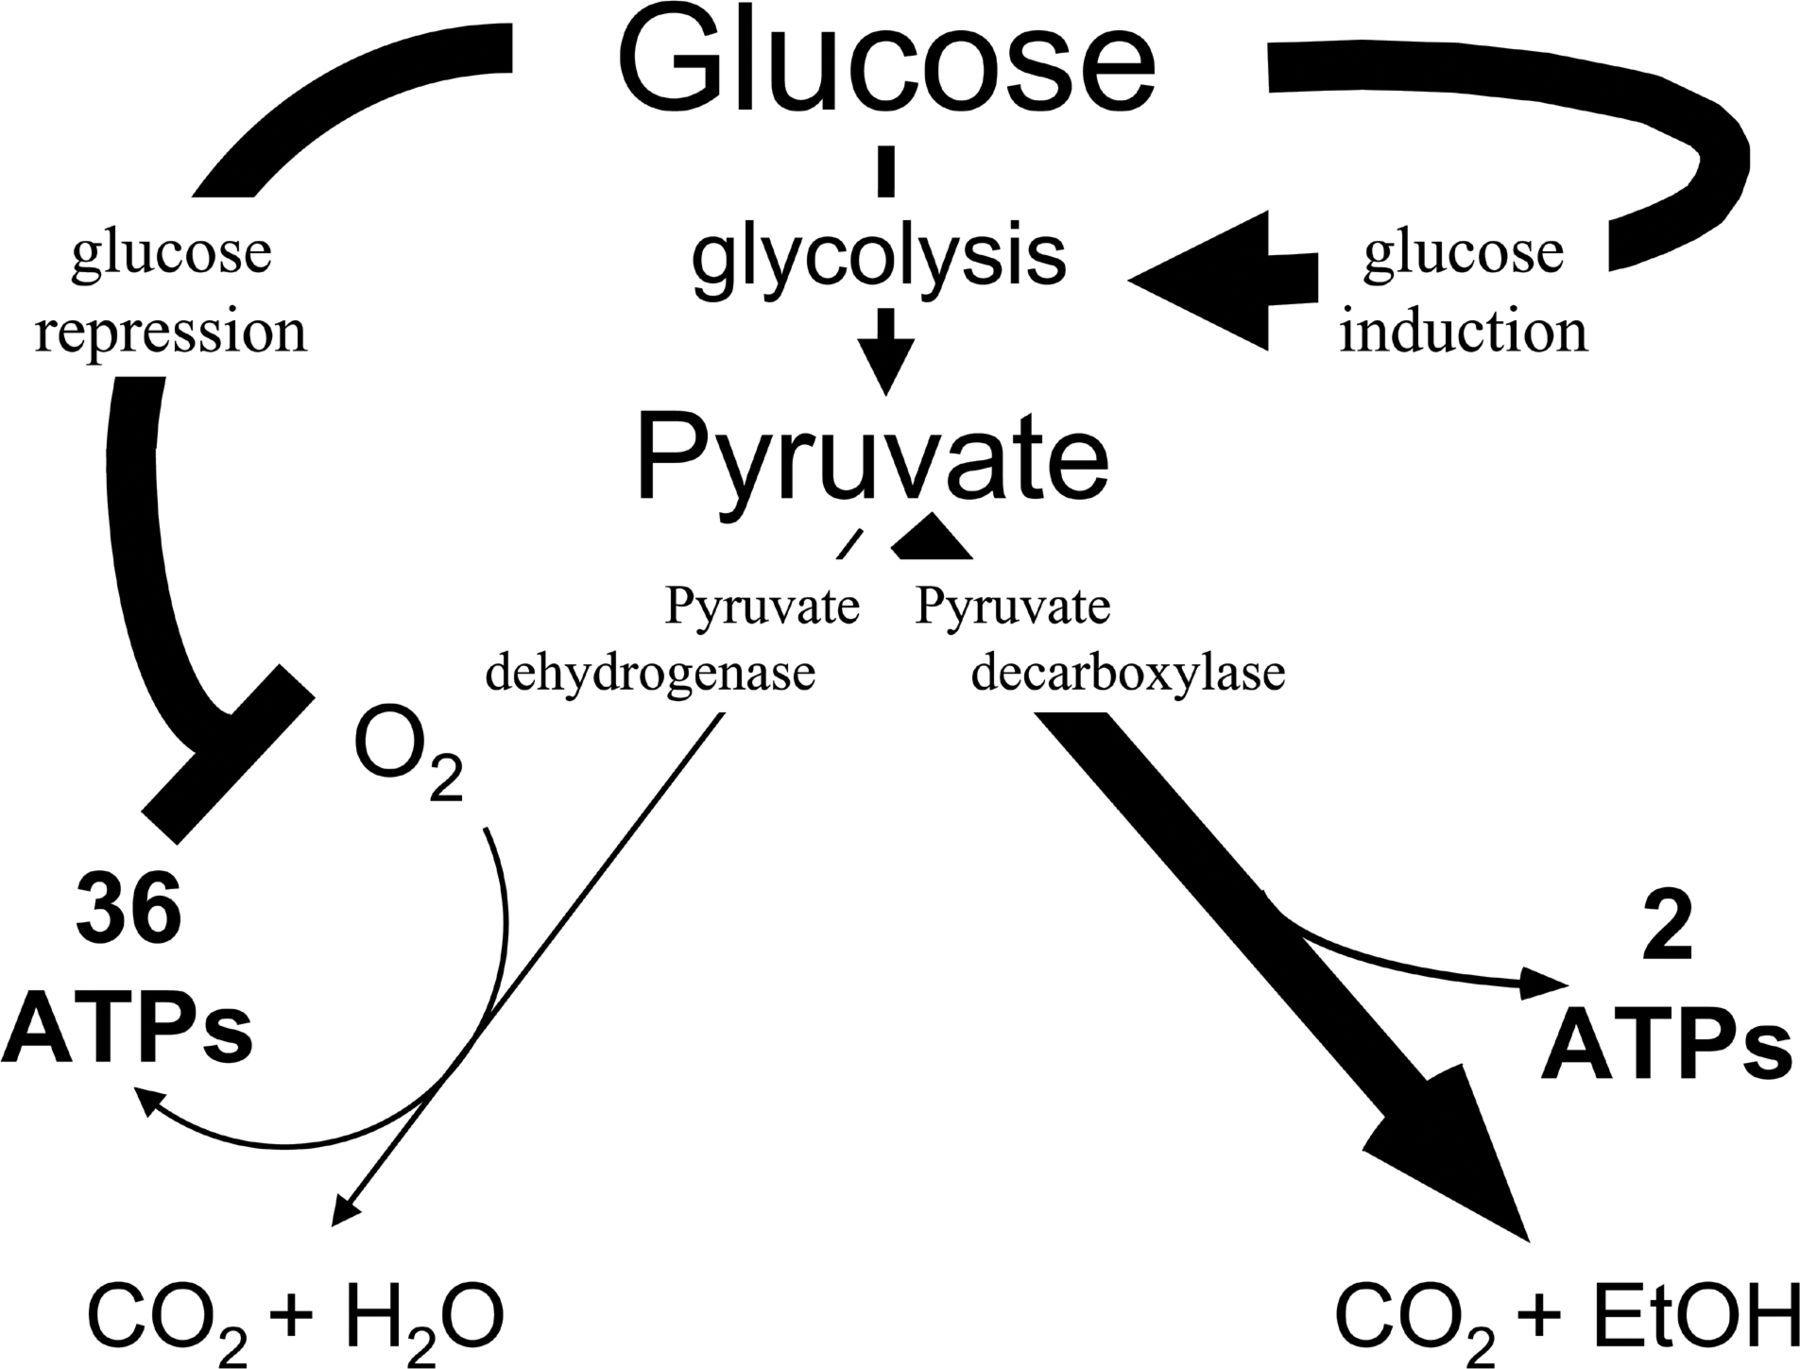 Glucose Metabolism Diagram Glucose As A Hormone Receptor